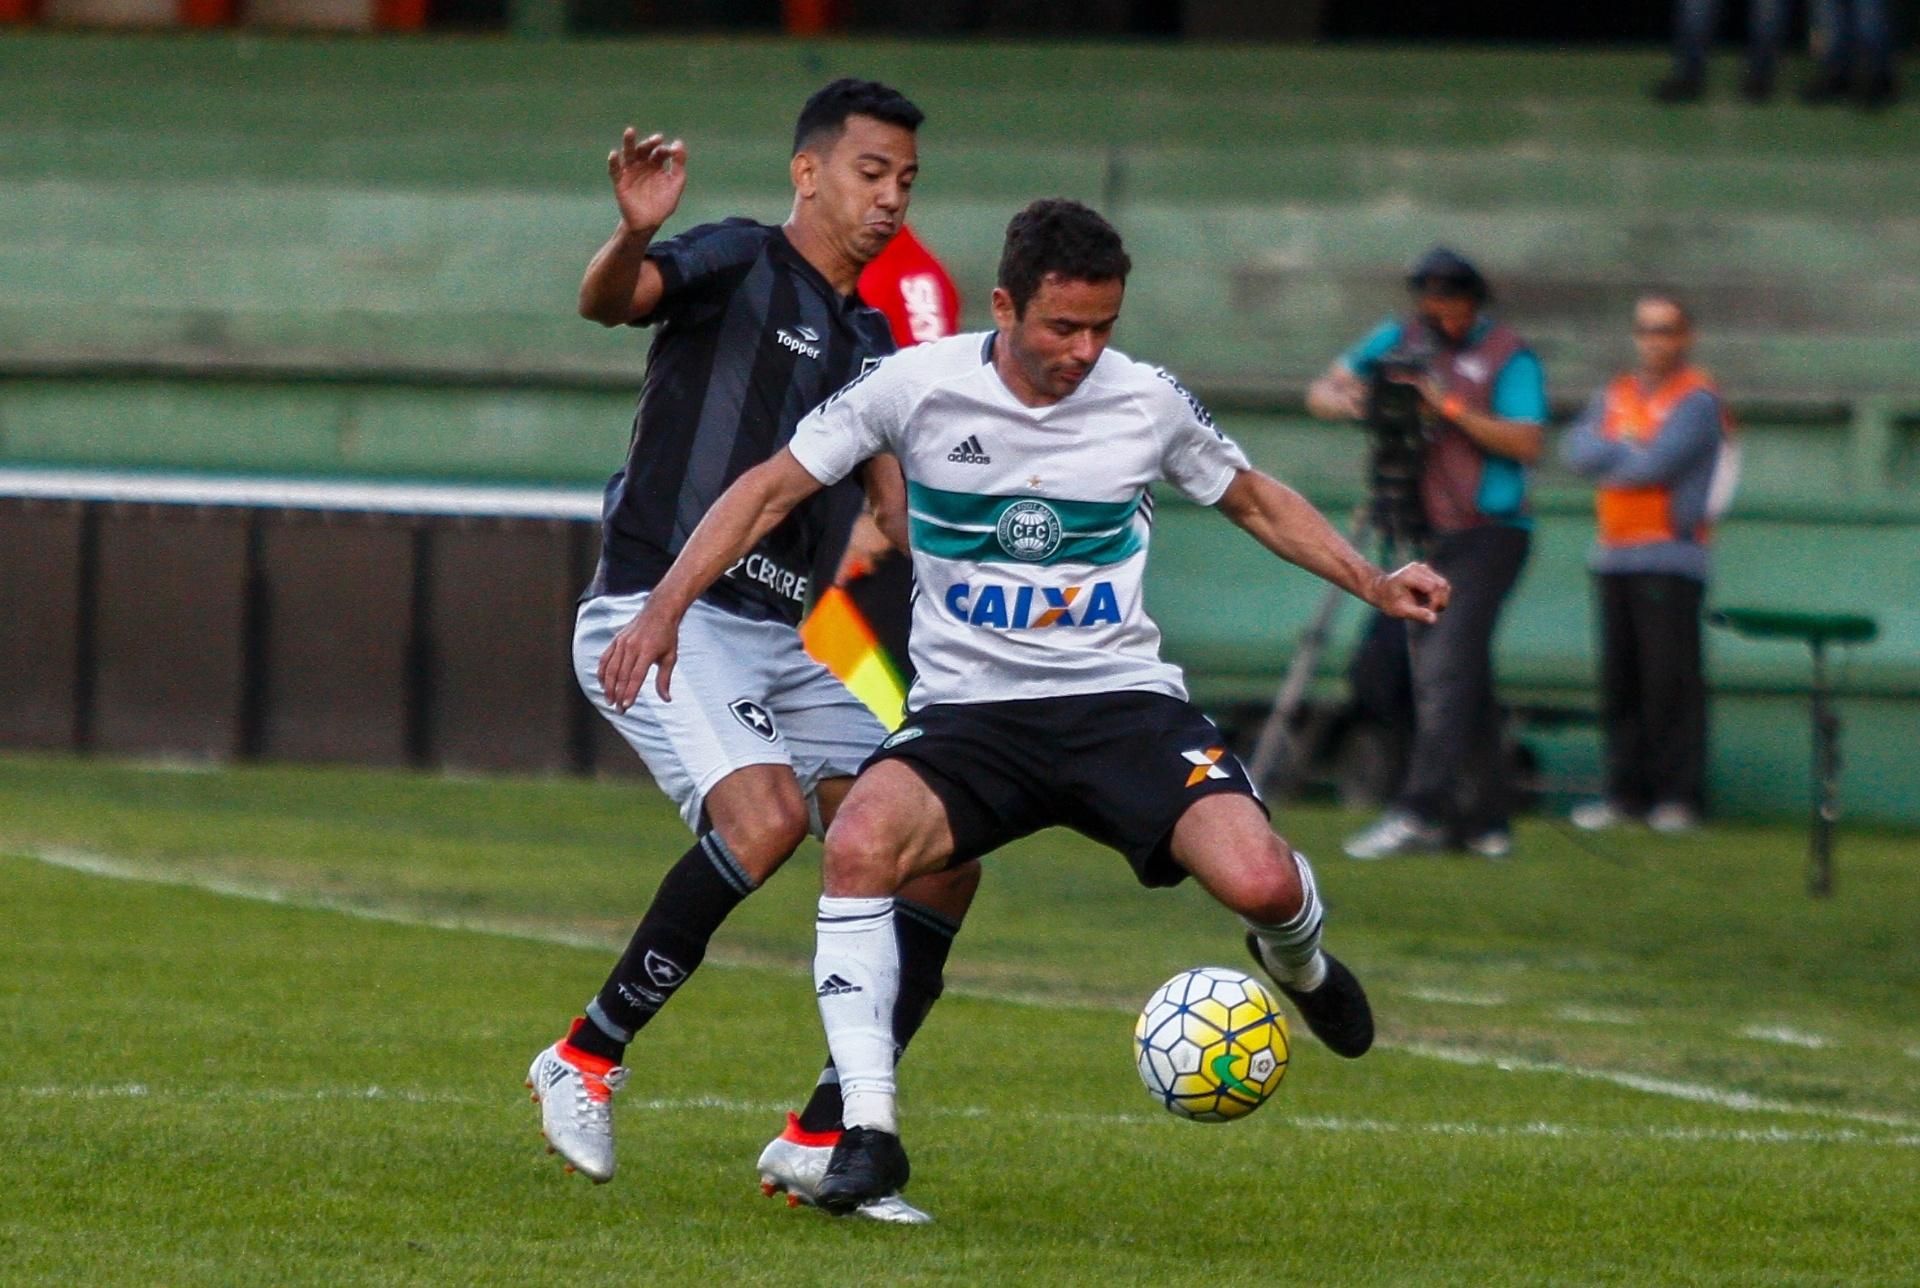 2739cdb964 Botafogo segura Coritiba com milagre de Sidão e se afasta da degola -  09 07 2016 - UOL Esporte